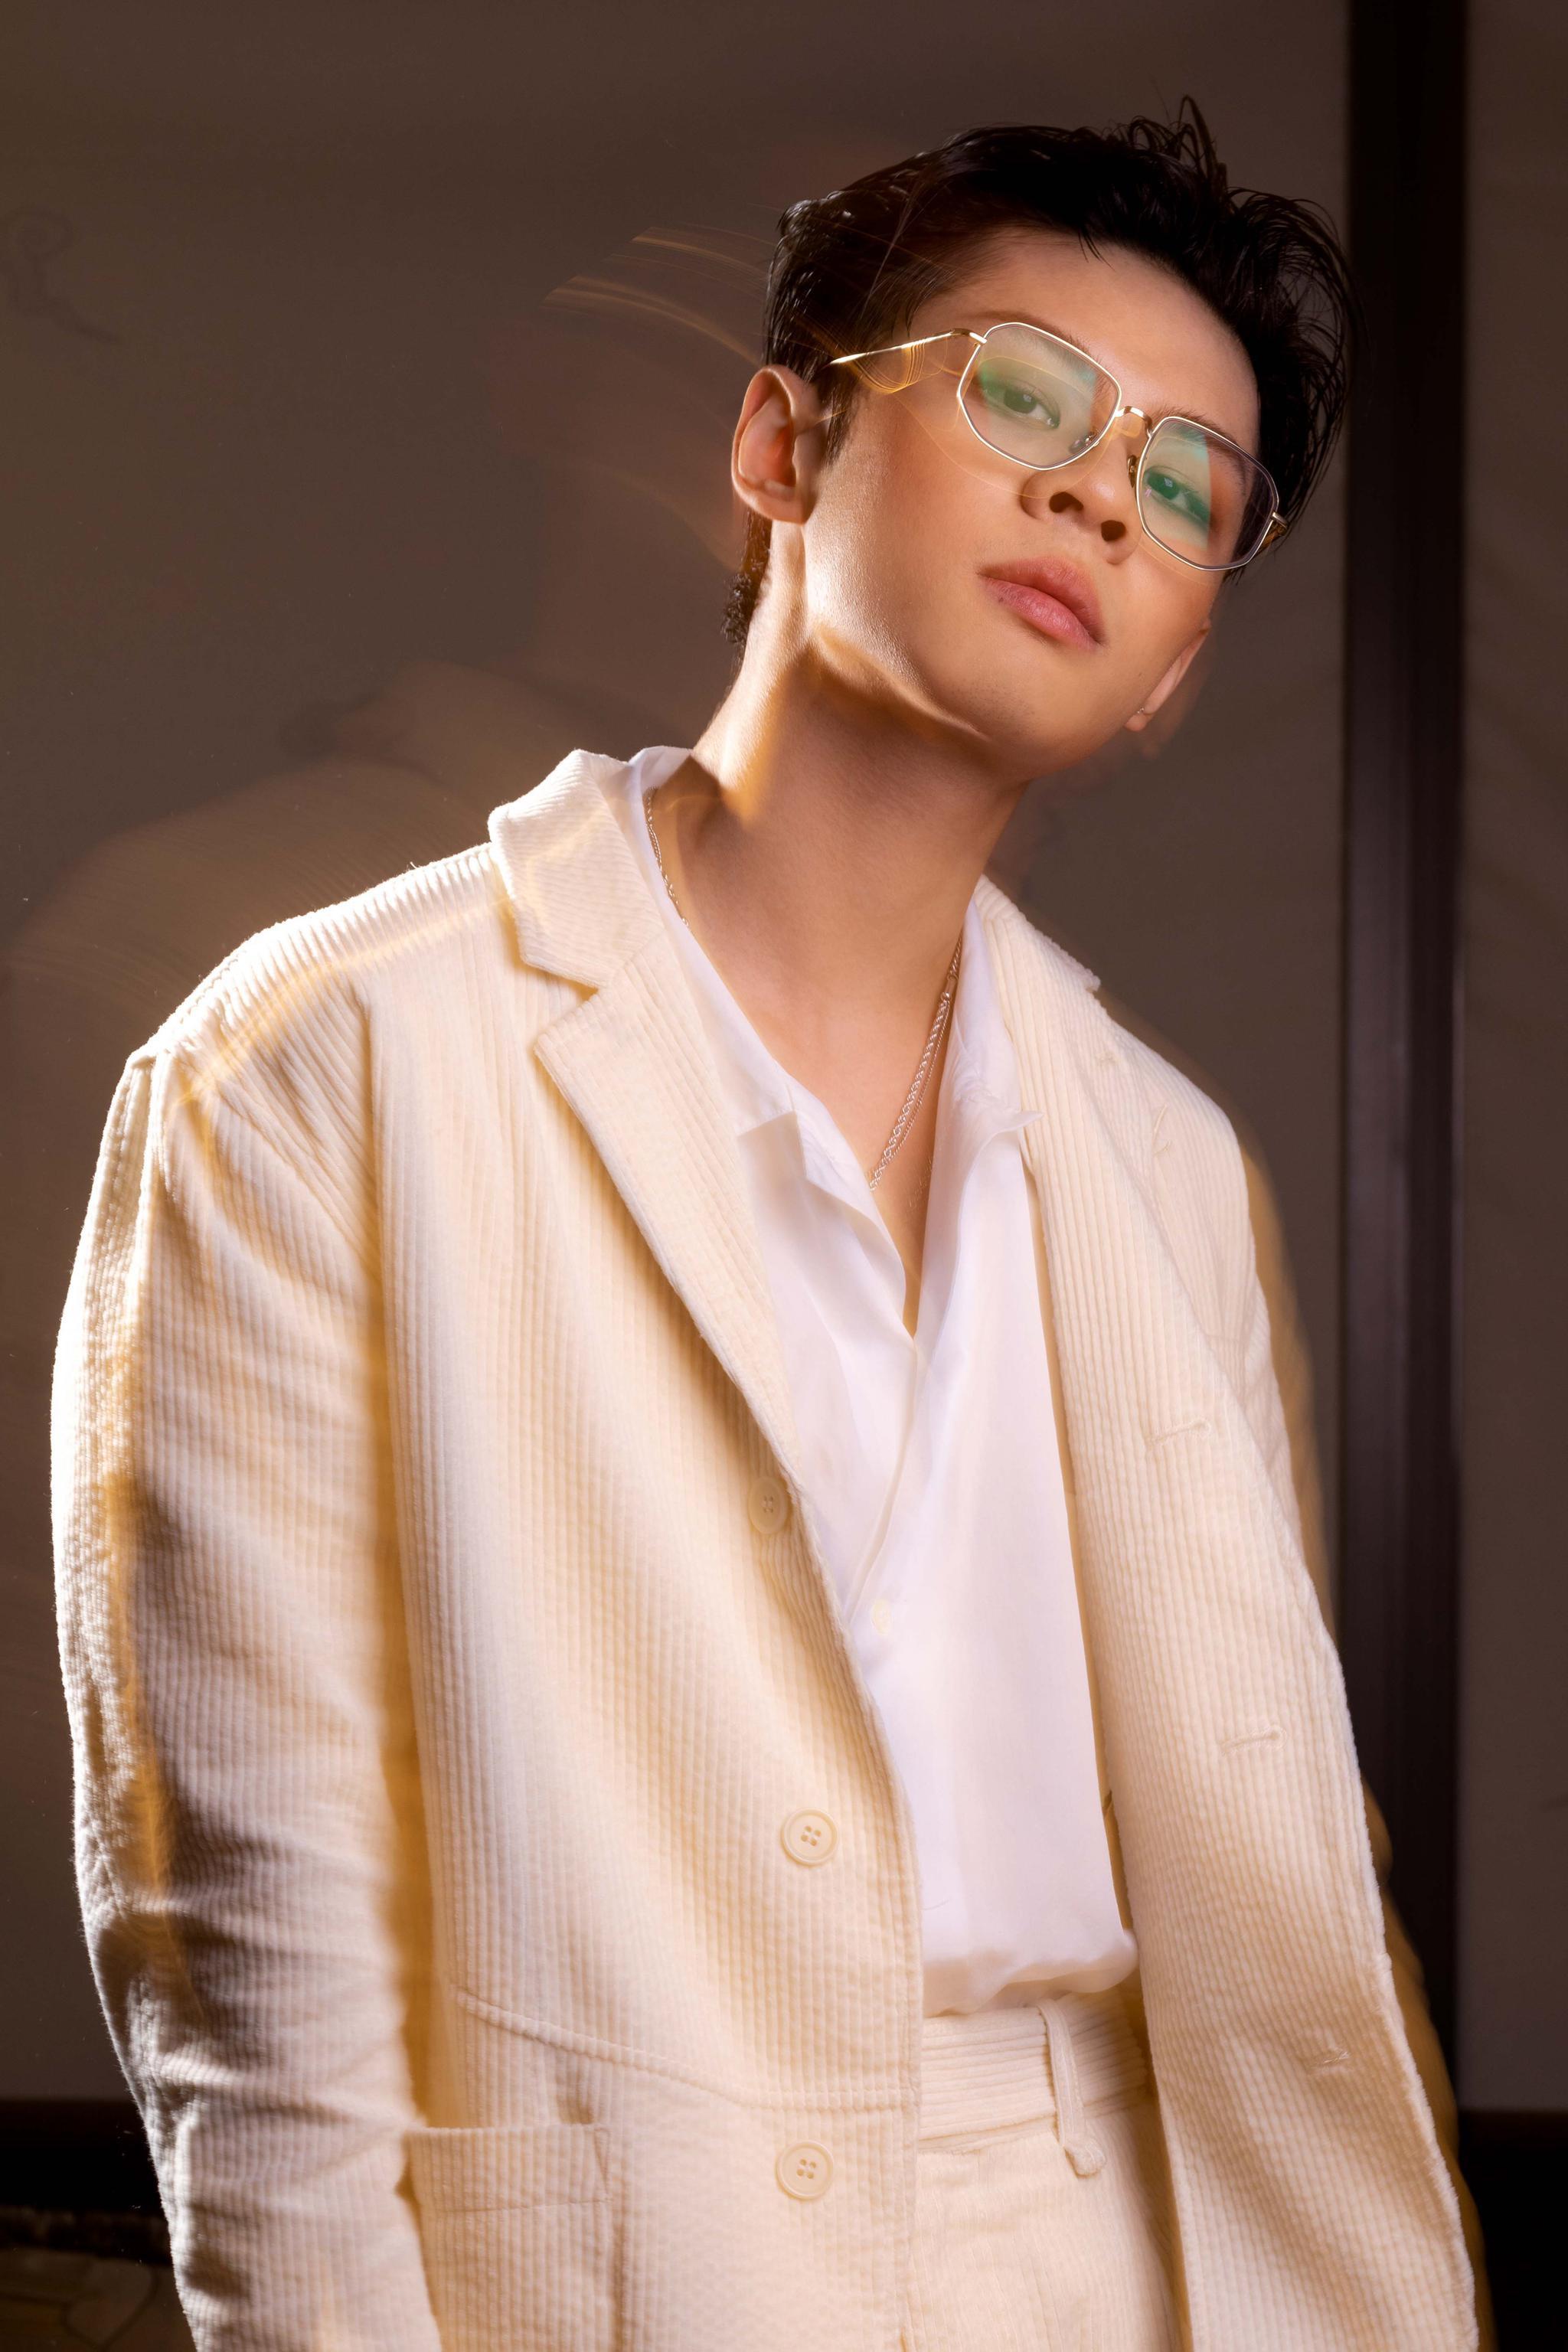 王晨艺身着灯芯绒西装出席活动,酷帅造型演绎极致魅力